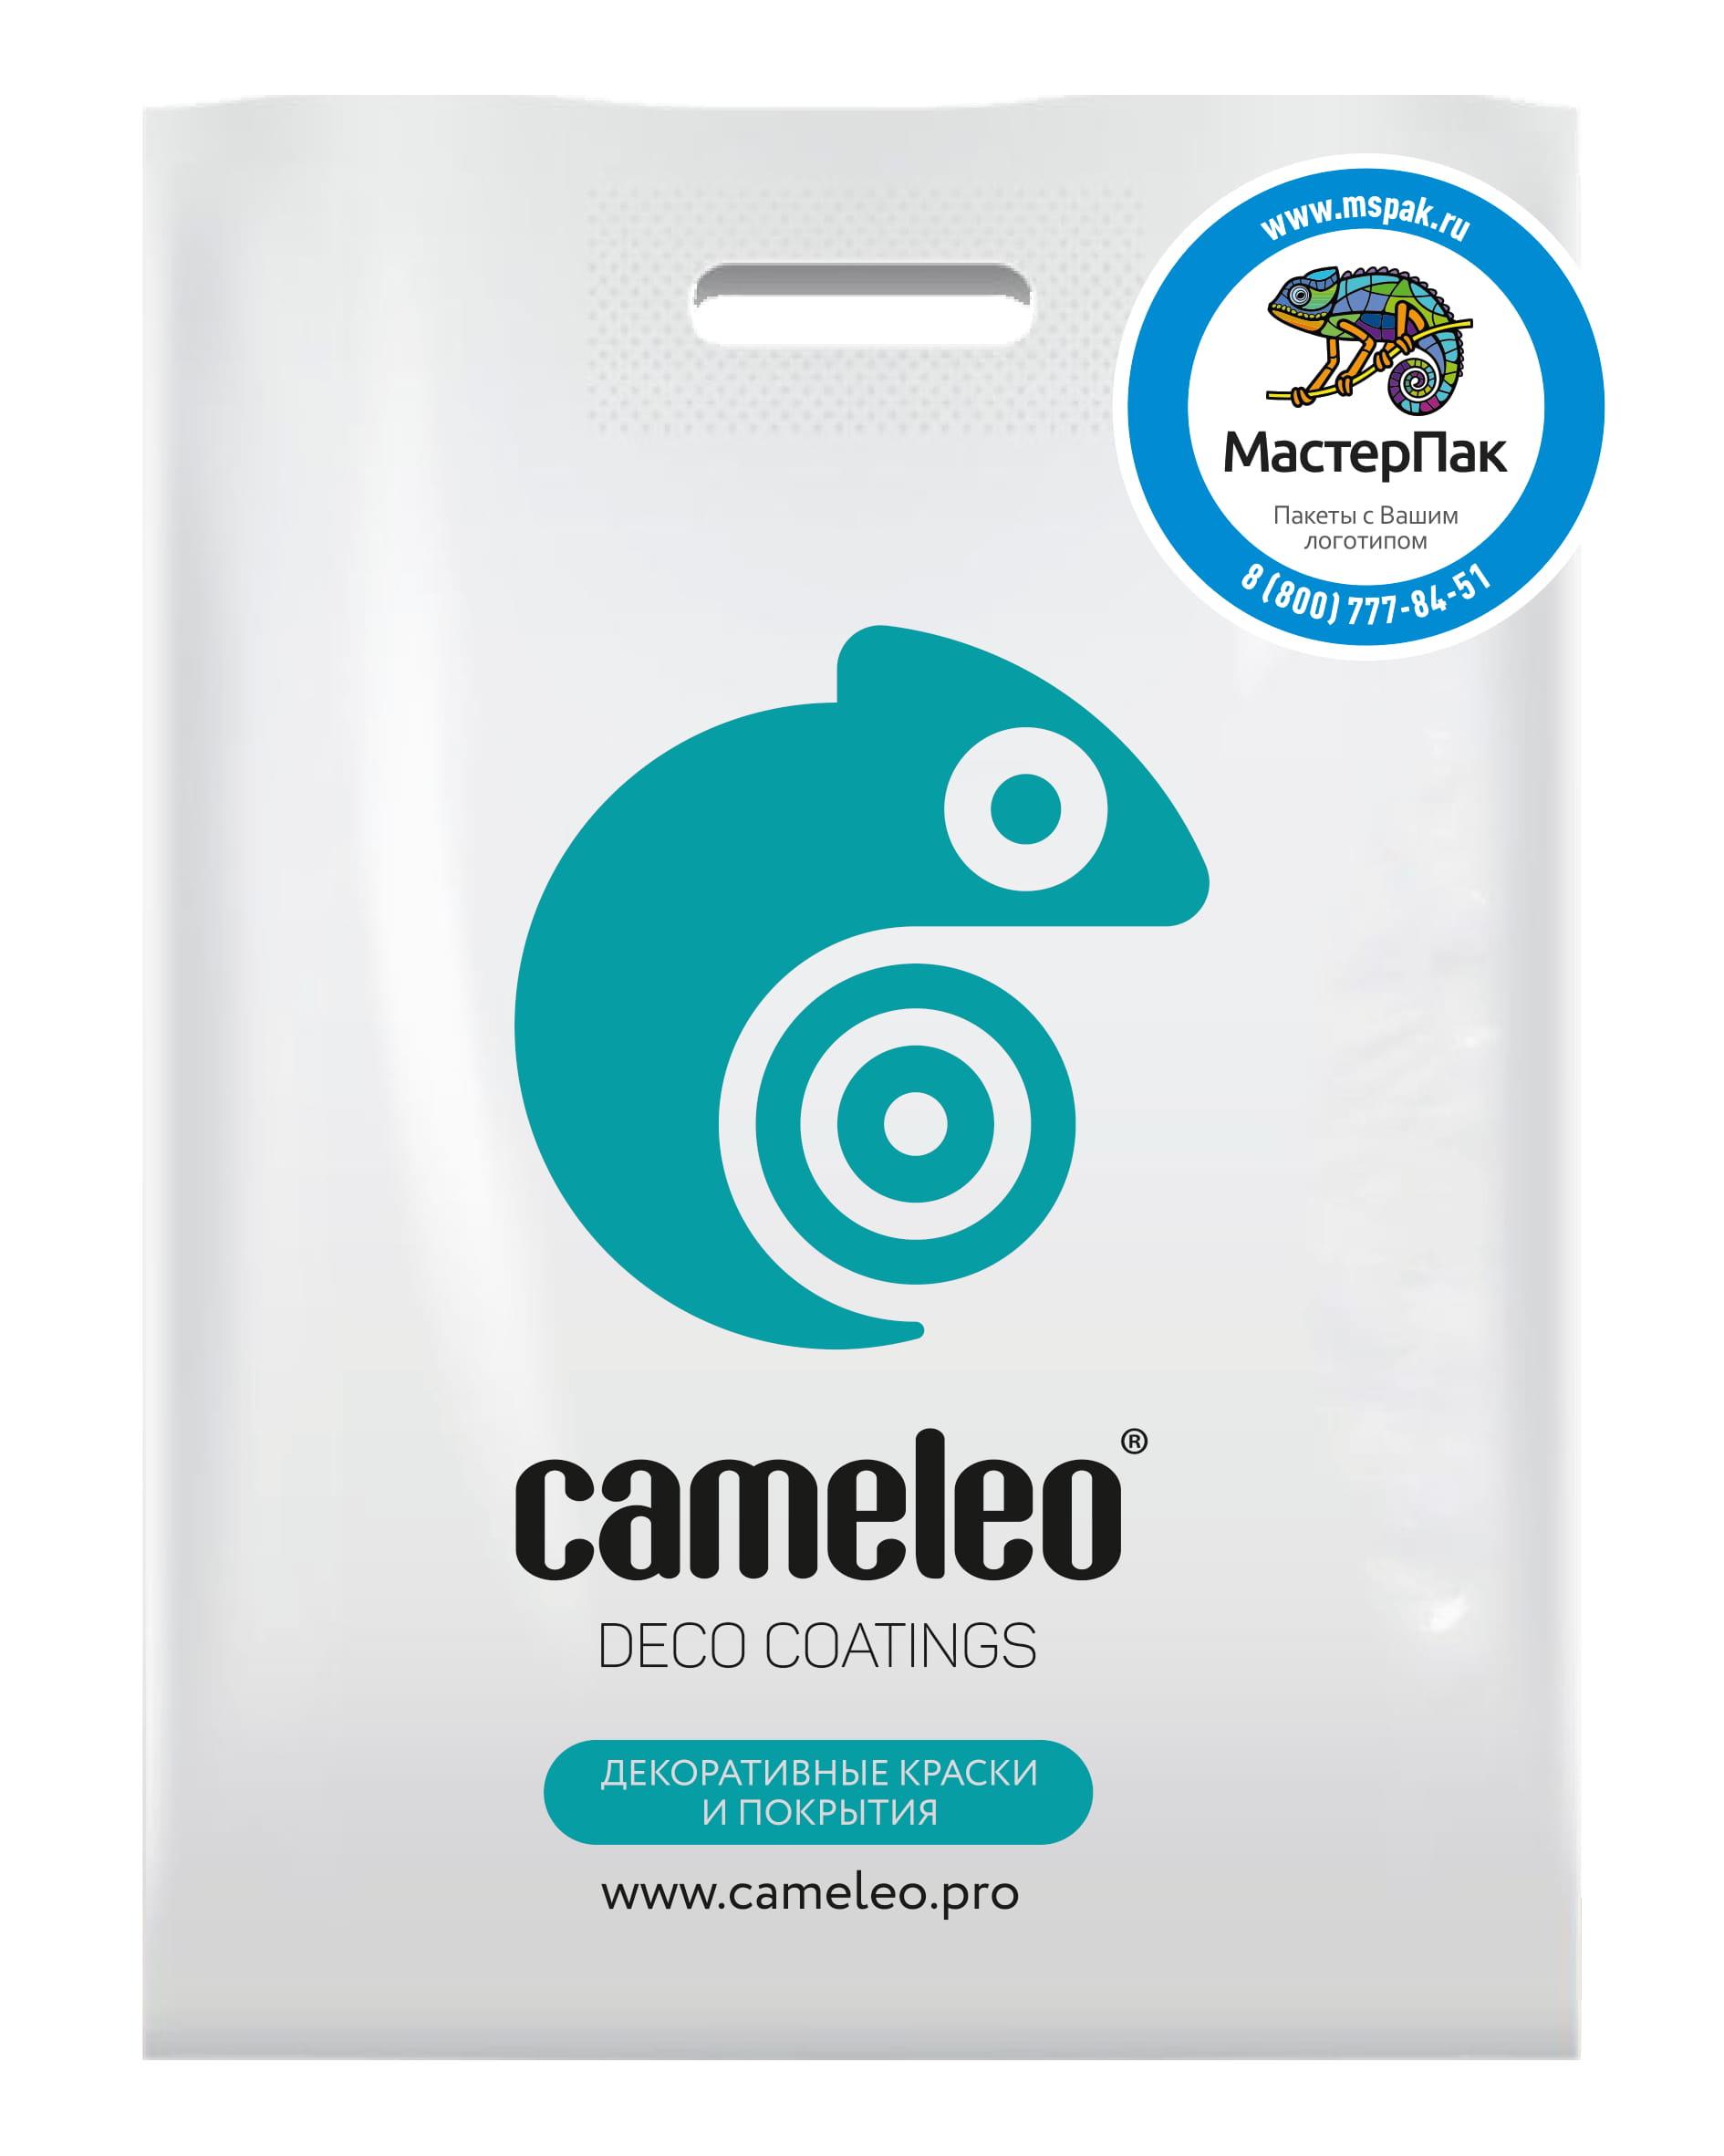 Пакет ПВД с логотипом Cameleo и вырубной ручкой, белый, 70 мкм, 30*40